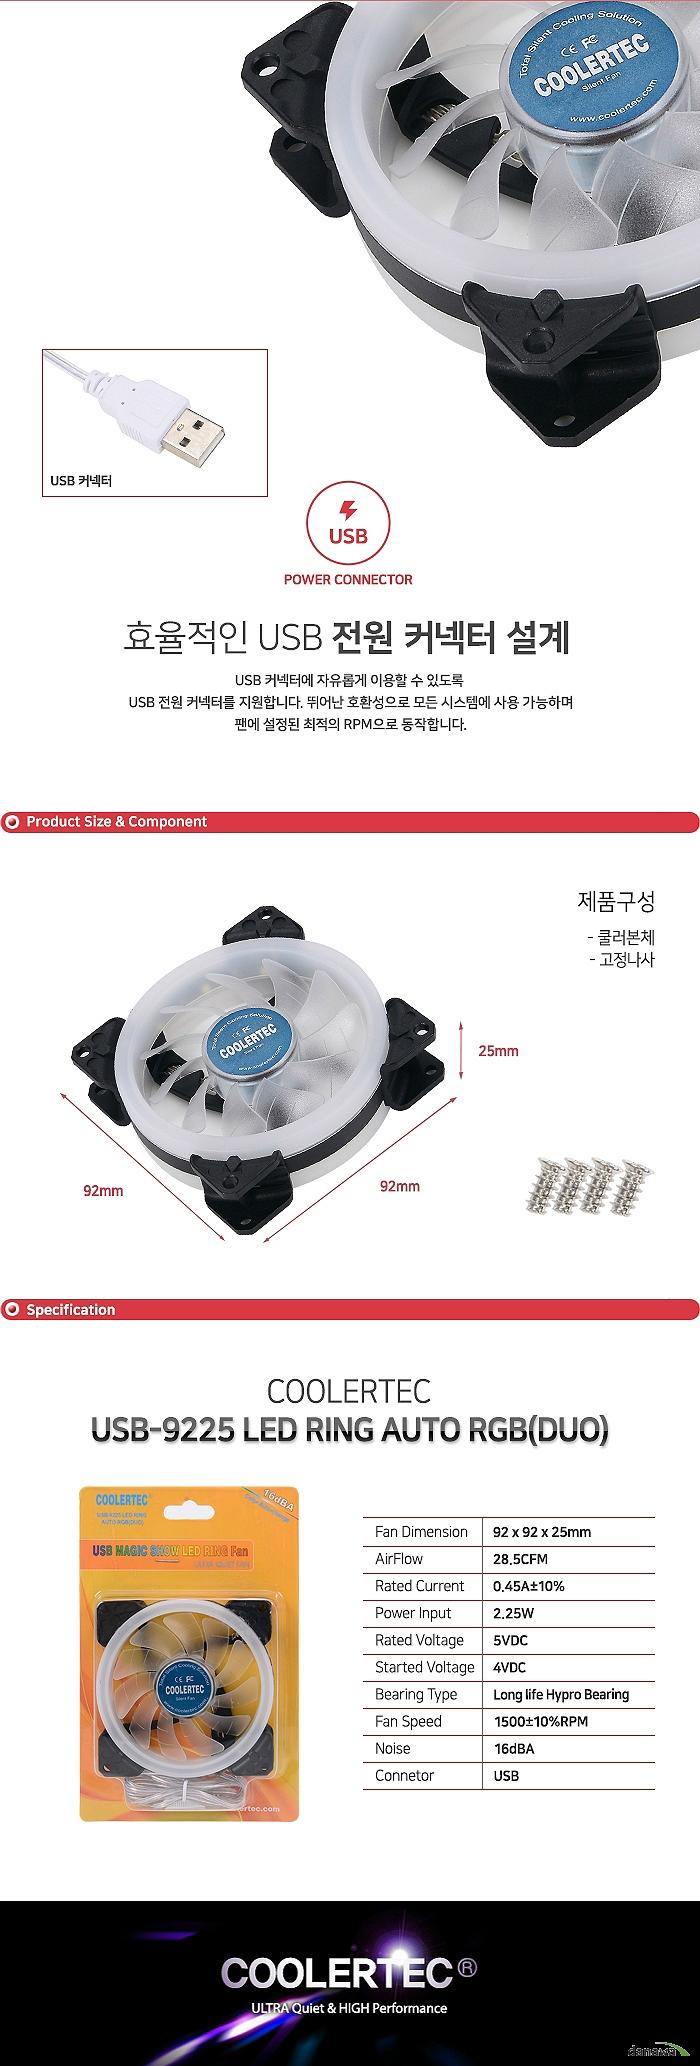 COOLERTEC USB-9225 LED RING AUTO RGB(DUO)